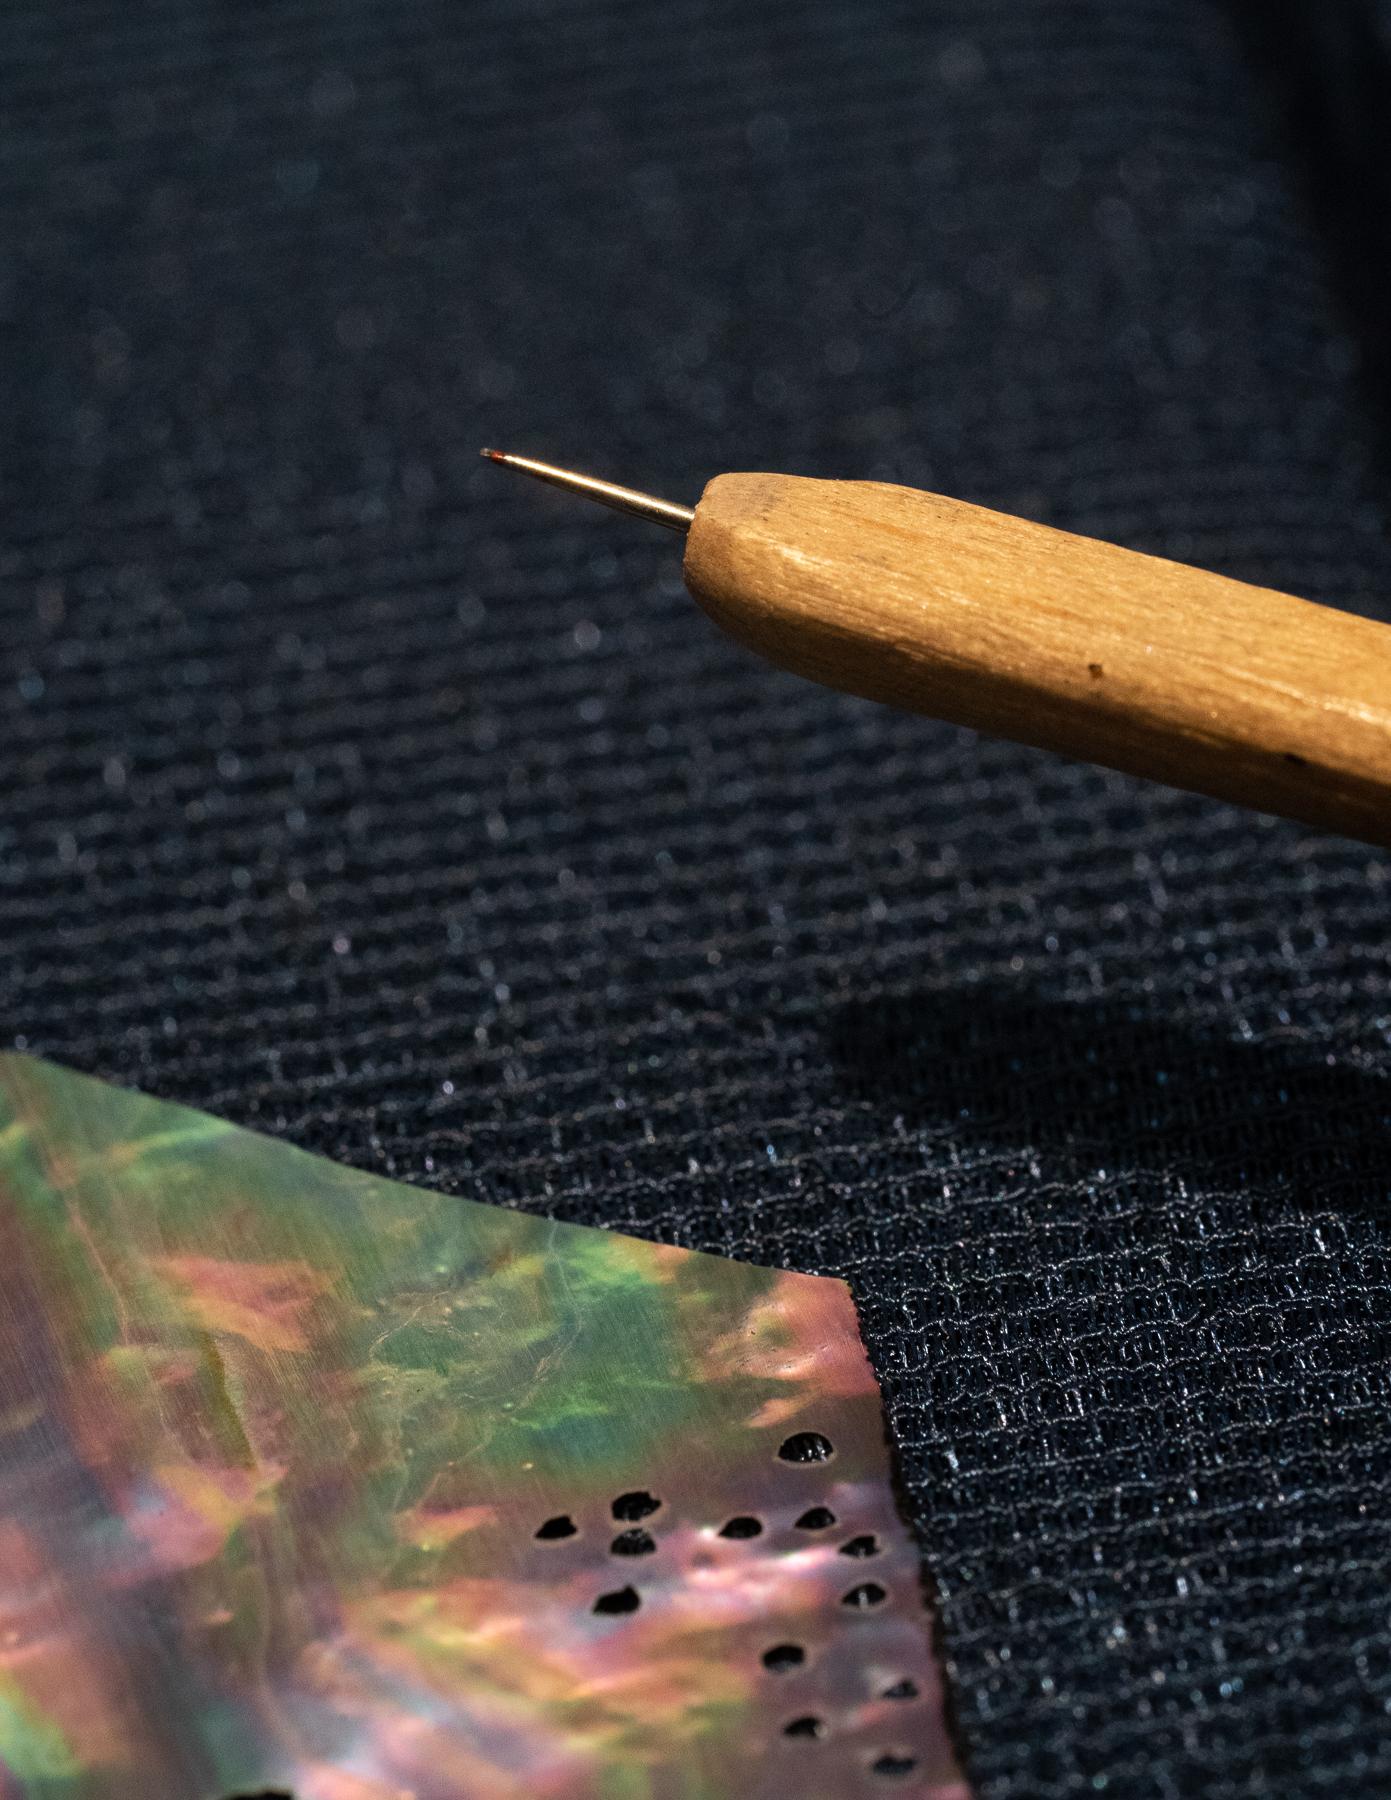 Tool tip detail